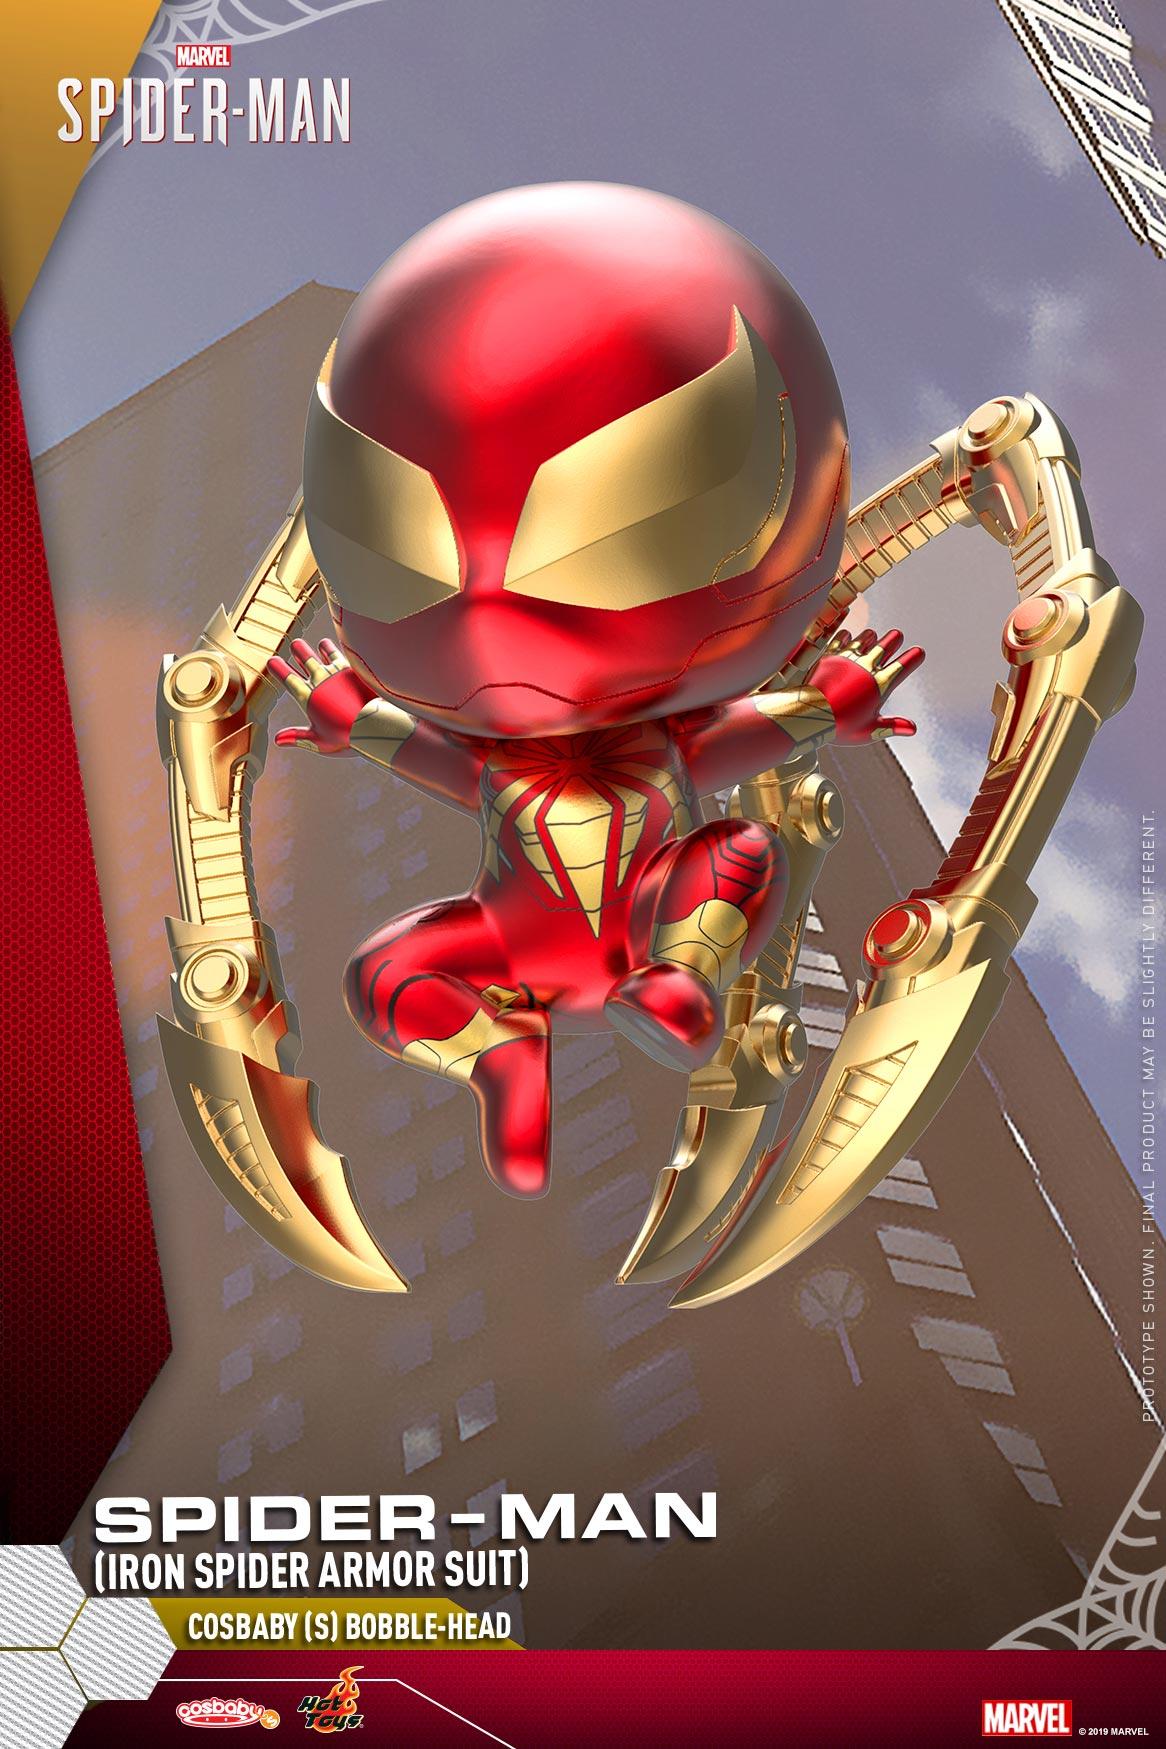 Hot-Toys---Marvel-Spider-Man---Spider-Man-(Iron-Spider-Armor-Suit)-Cosbaby-(S)_PR1